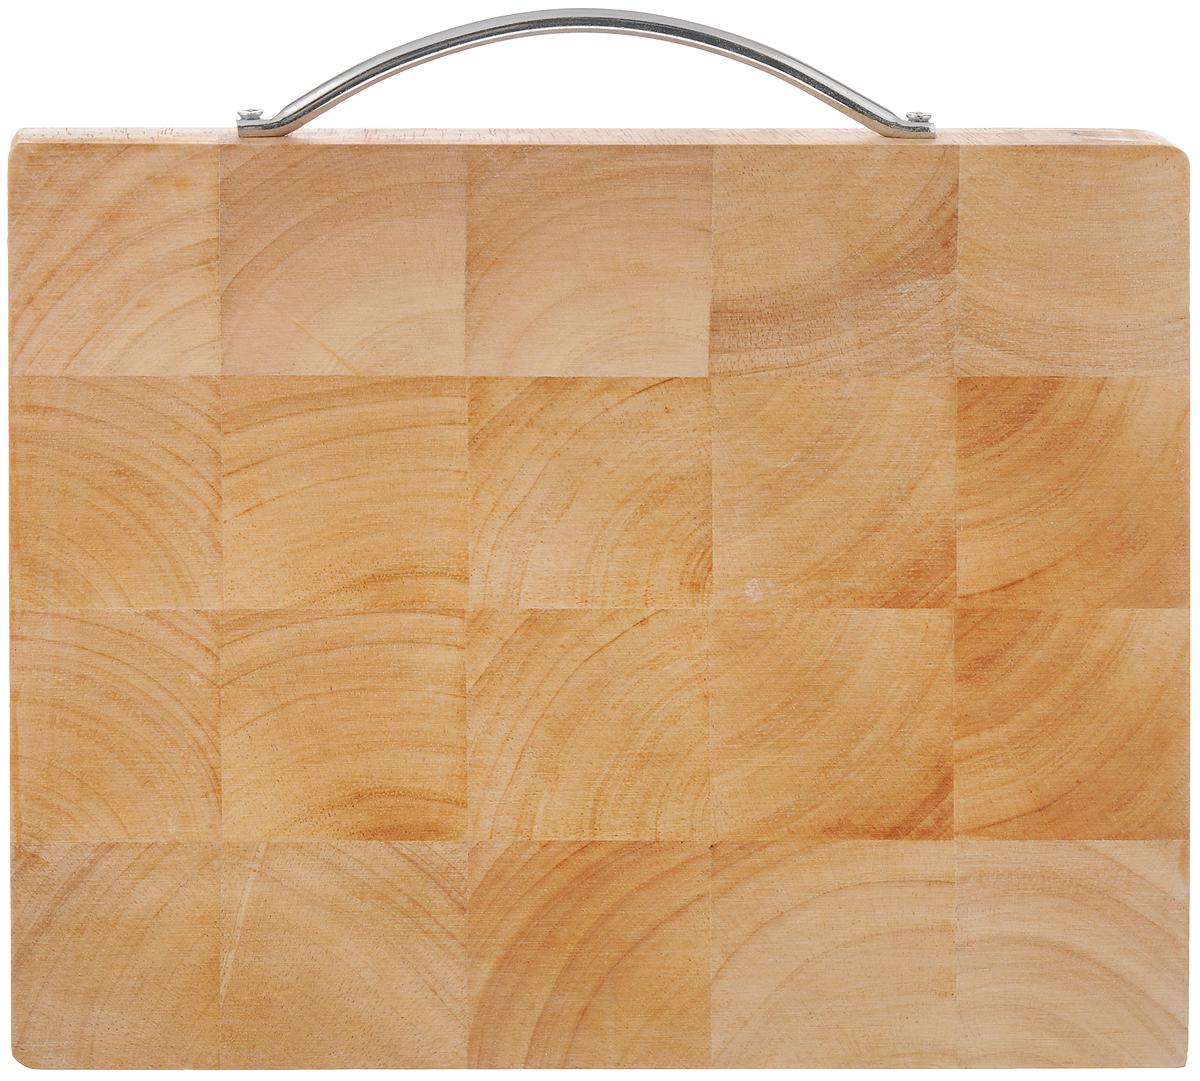 Доска разделочная House & Holder, с ручкой, 25 х 20 х 2 см. B095(3)FS-91909Доска разделочная House & Holder изготовлена из гевеи. Гевея входит в семейство элитного красного дерева. Изделия из этого дерева отличаются твердостью, долговечностью и стойкостью к гниению. Доска оснащена металлической ручкой для более удобного использования.Функциональная и простая в использовании, разделочная доска House & Holder прекрасно впишется в интерьер любой кухни и прослужит вам долгие годы. Не рекомендуется мыть в посудомоечной машине.Размер доски: 25 х 20 см. Толщина доски: 2 см.